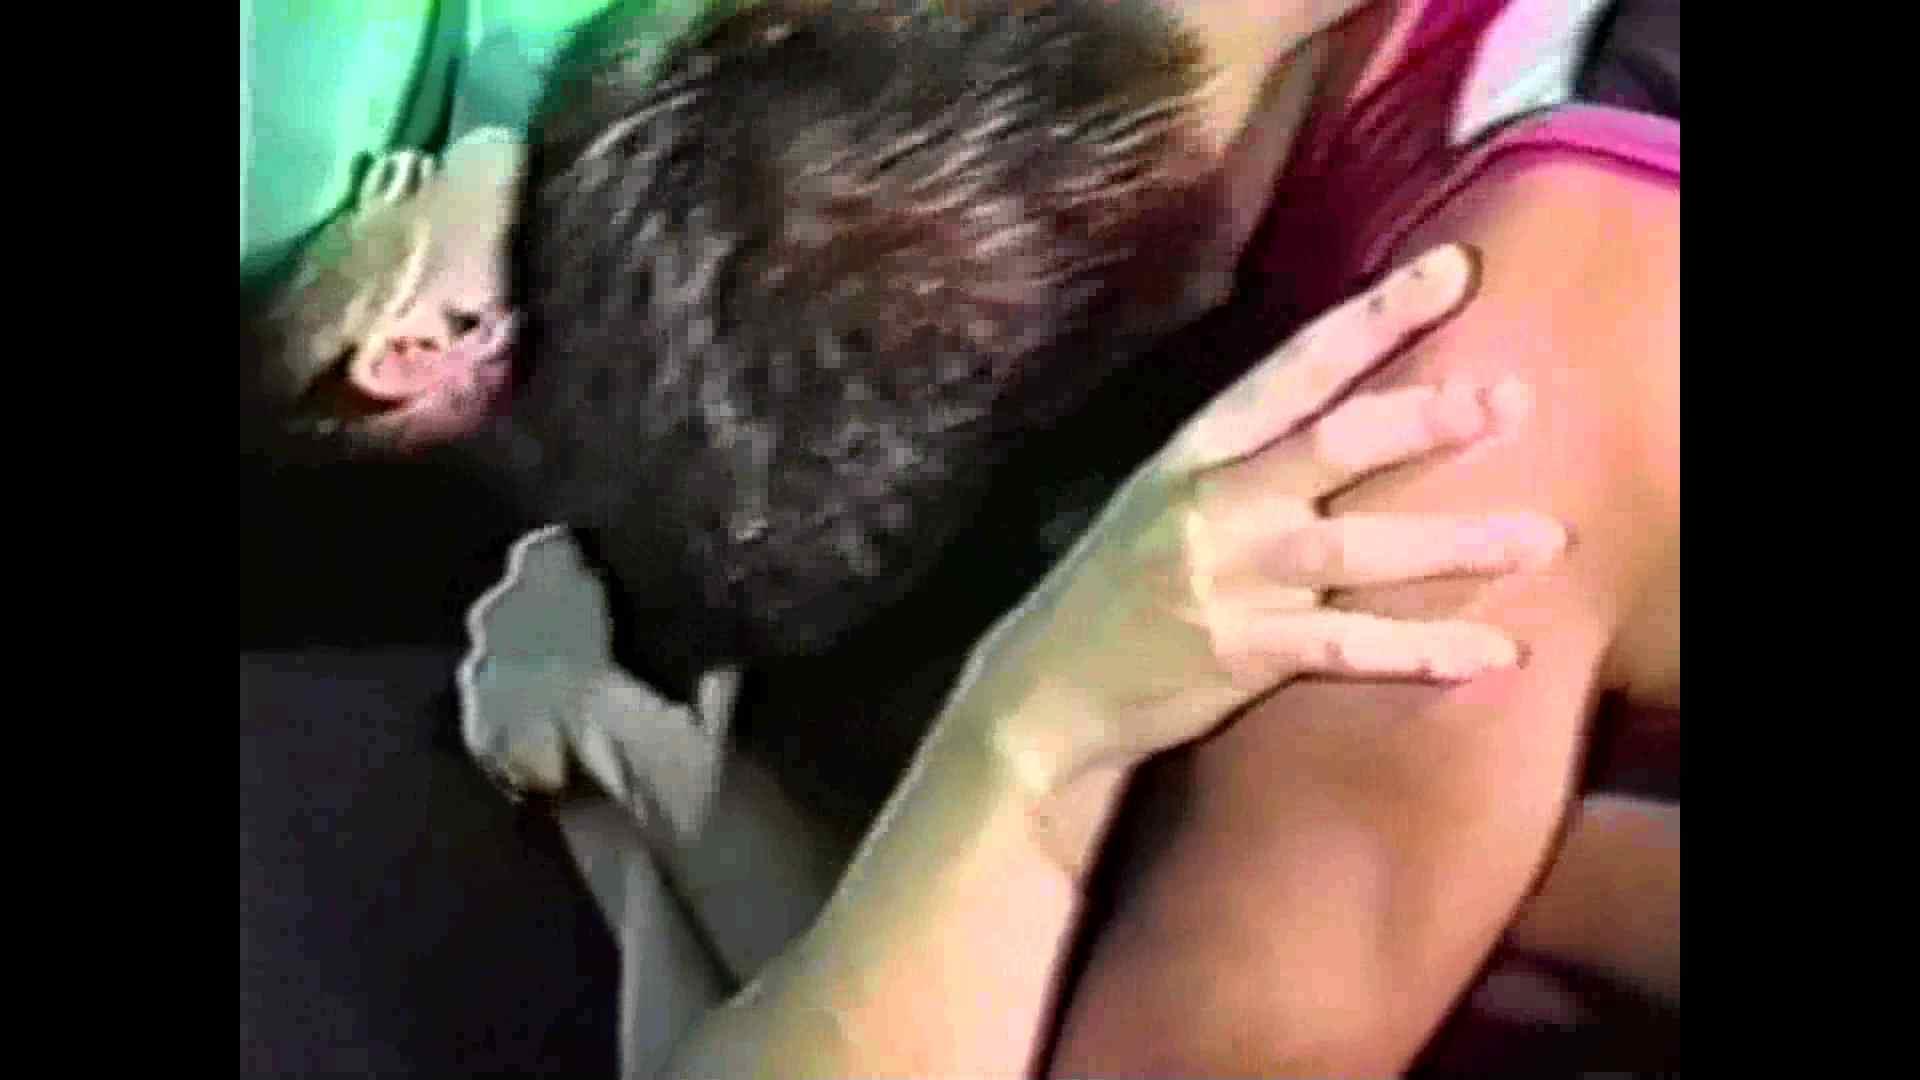 往年の名作 ヤングマン Vol.04 アナル舐め   大人の玩具 ゲイ肛門画像 13連発 2